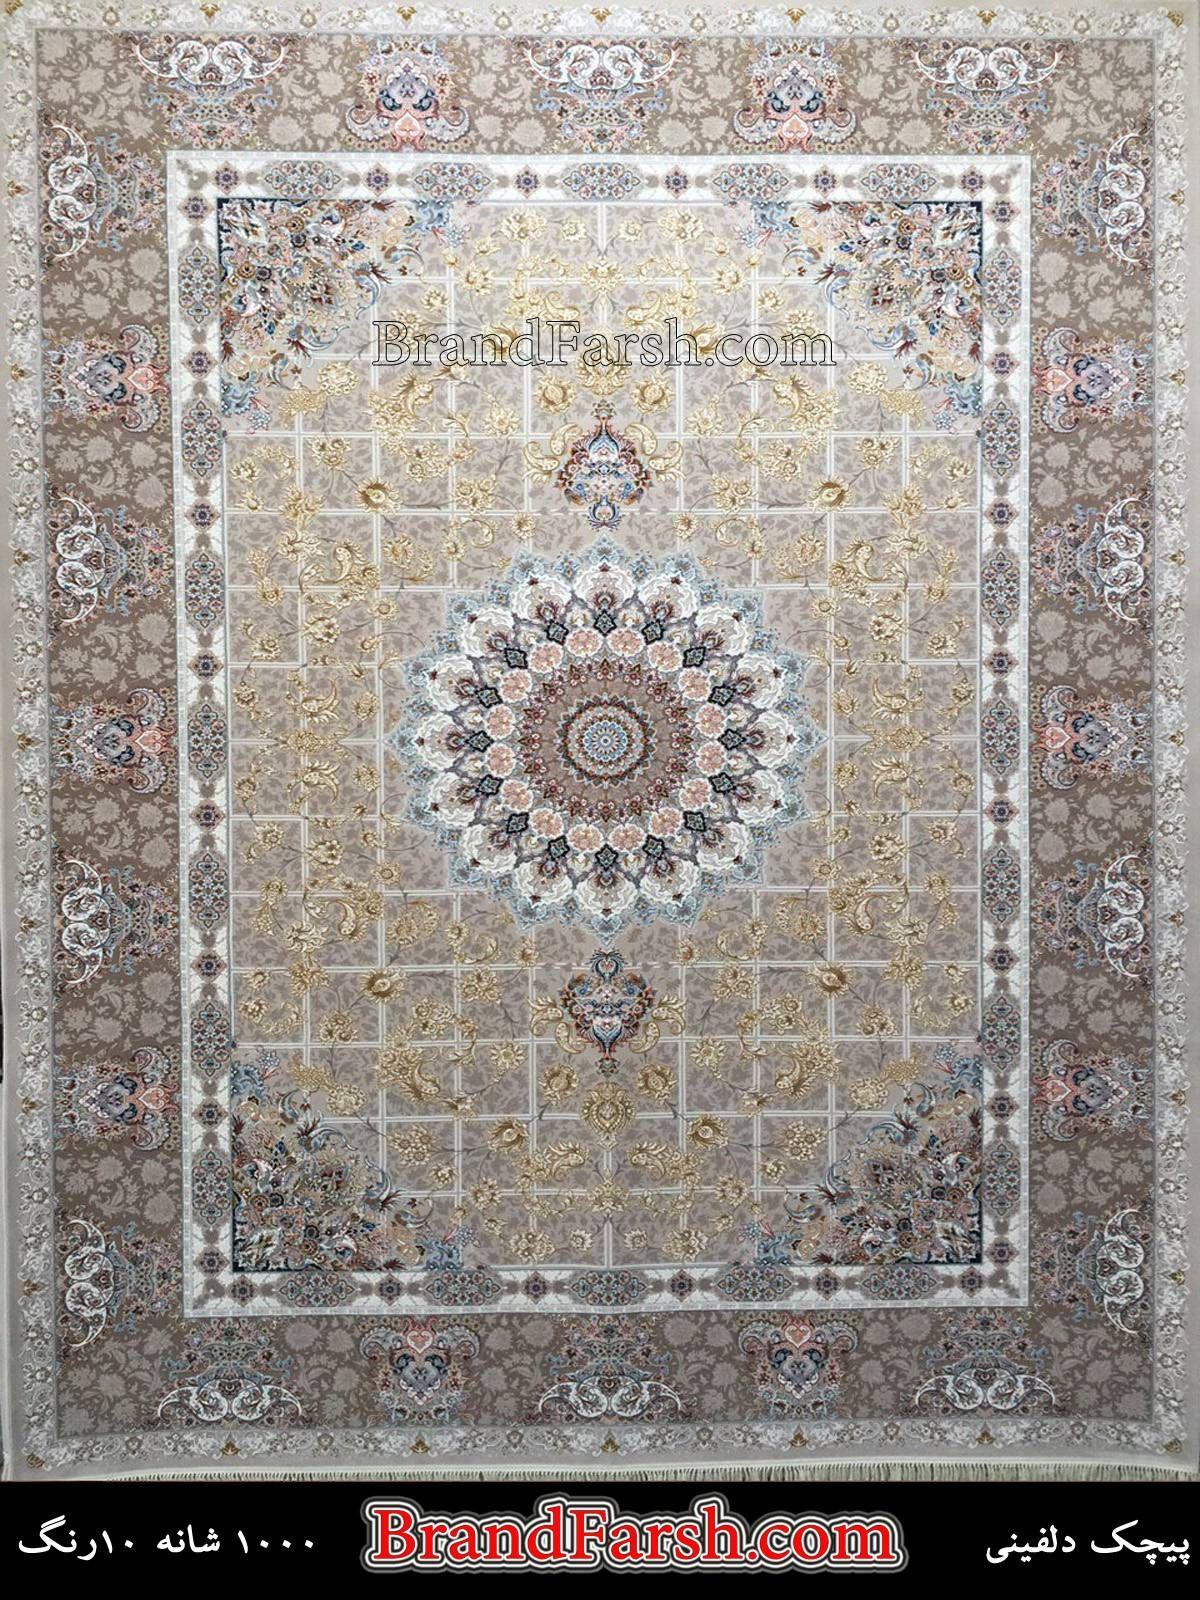 فرش کاشان طرح پیچک 100 شانه 10 رنگ واقعی ابعاد ۱۲ متری ۹ متری ۶ متری و 4 متری در رنگ های کرم دلفینی و نسکافه ای Brandcarpet Bran Carpet Decor Home Decor